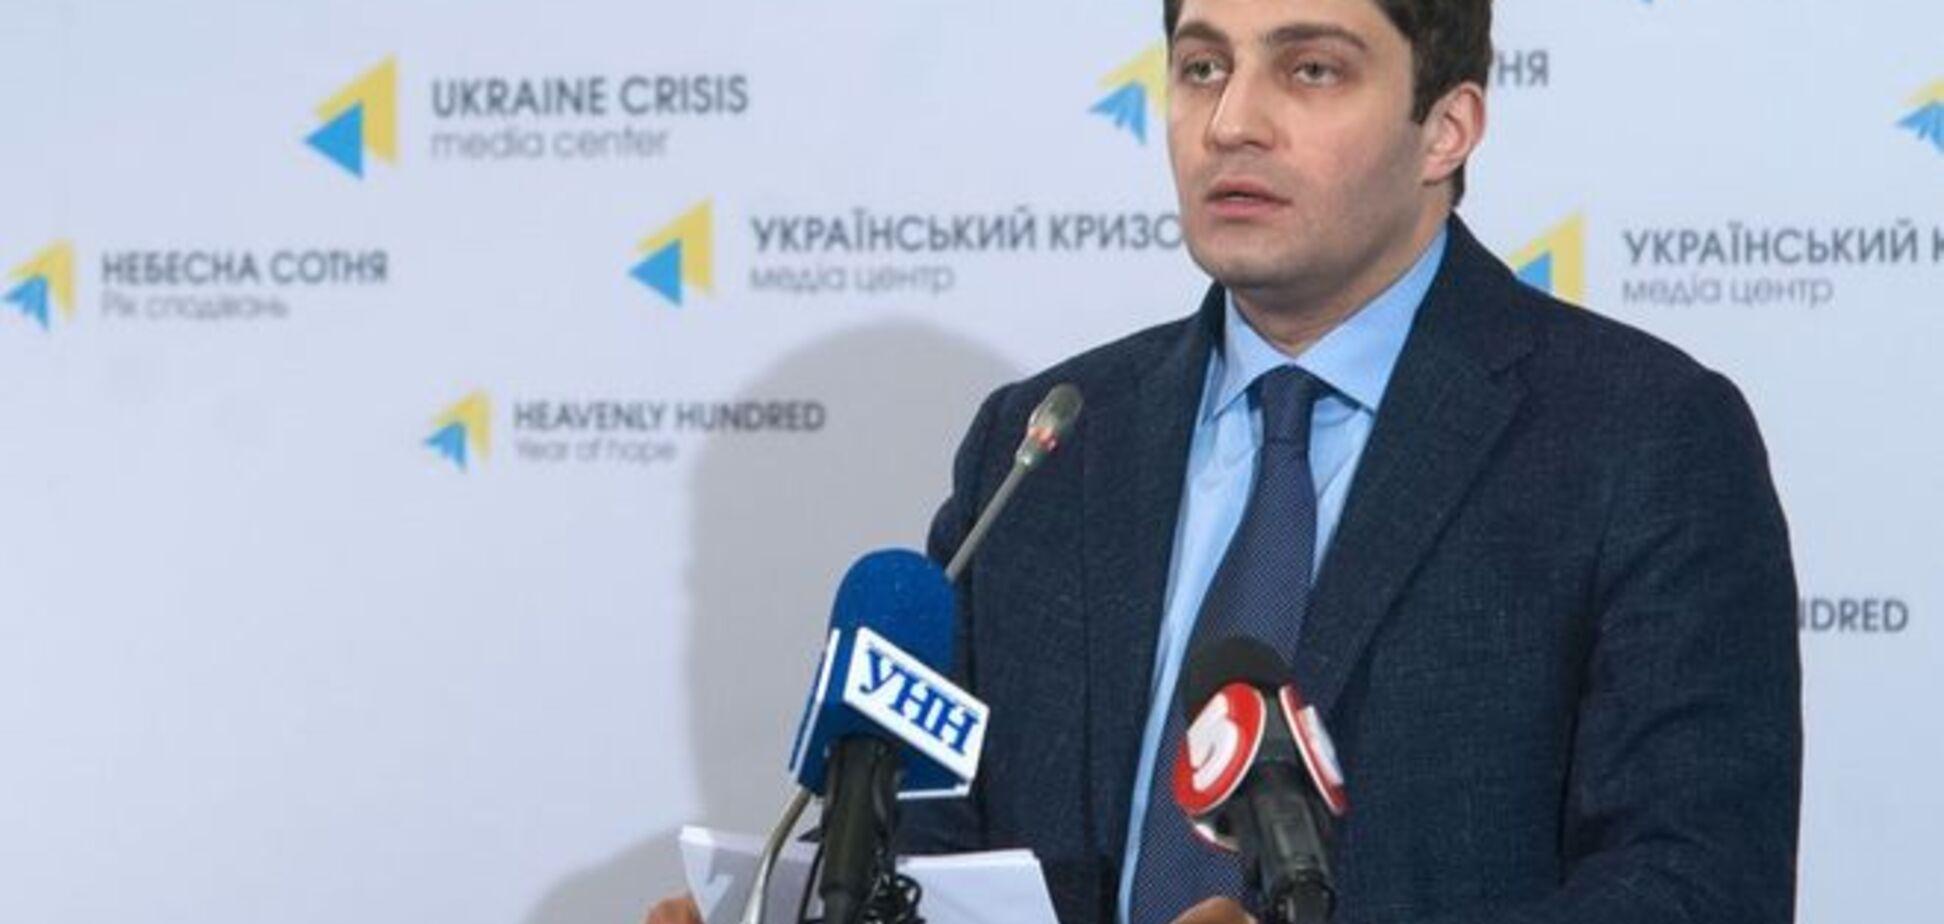 Сакварелидзе рассказал подробности задержания взяточников из ГПУ и прокуратуры Киева: это только предупреждение